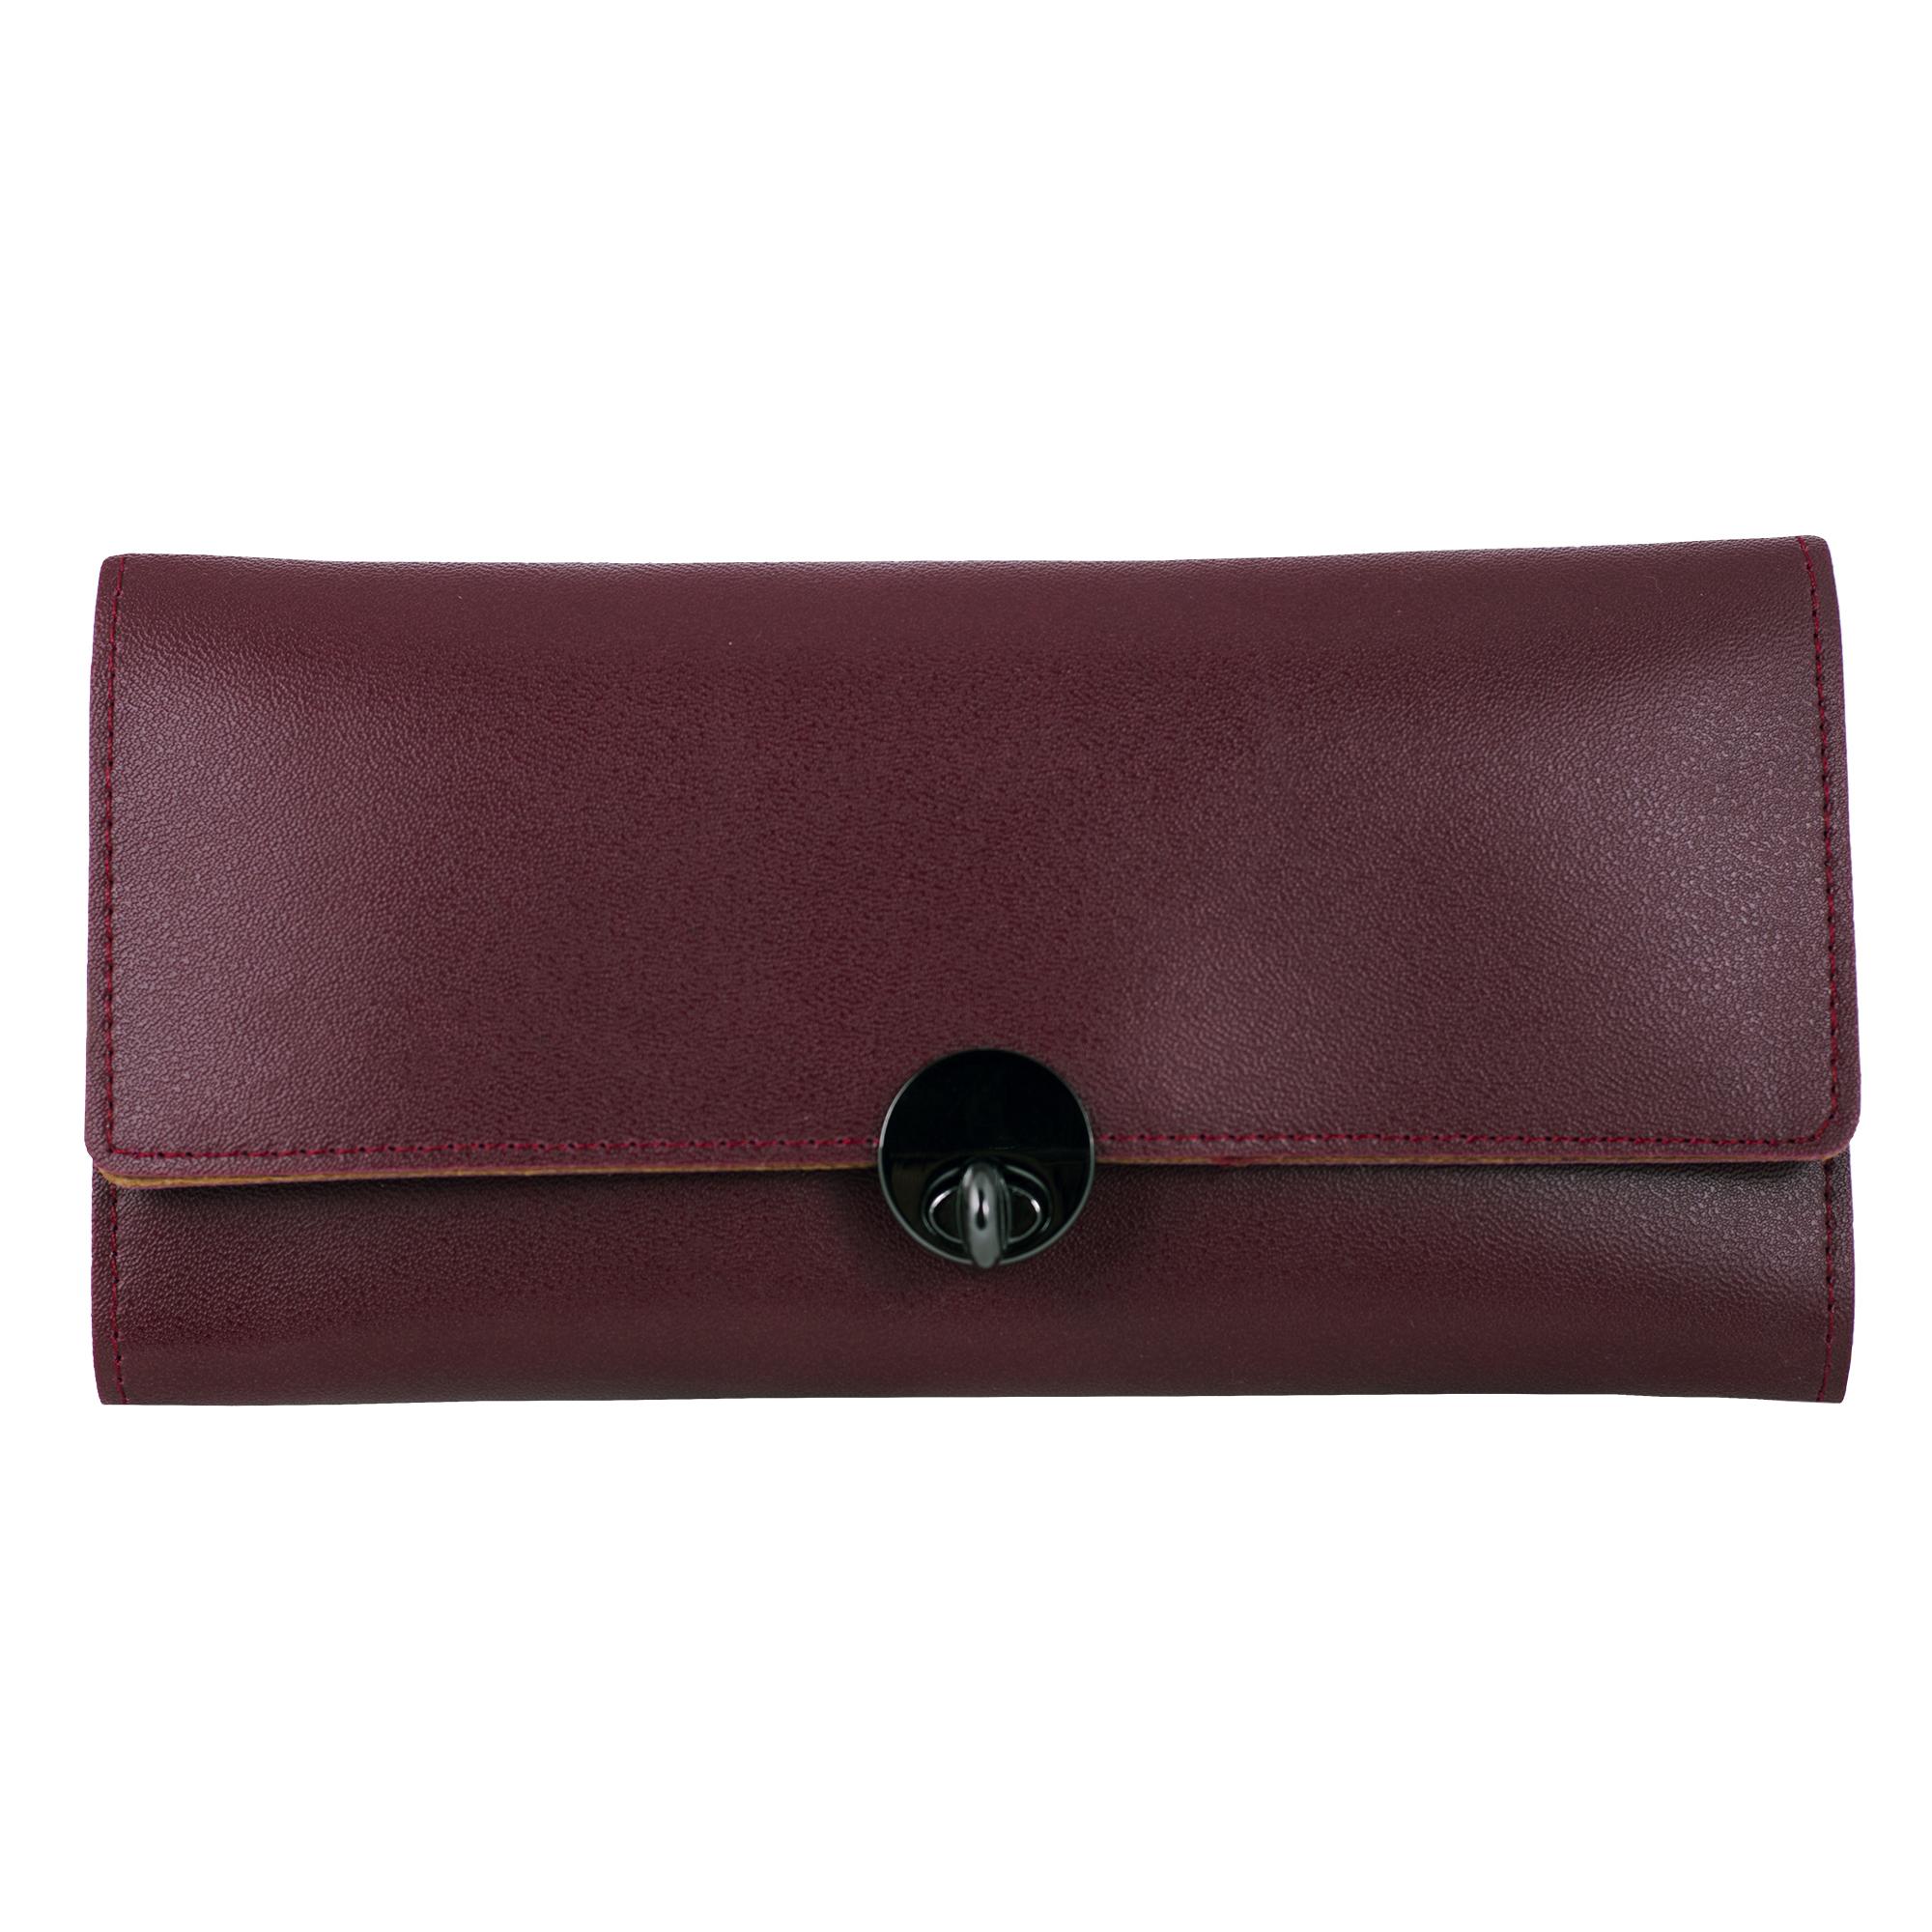 کیف پول چرم زنانه مدل Roseta